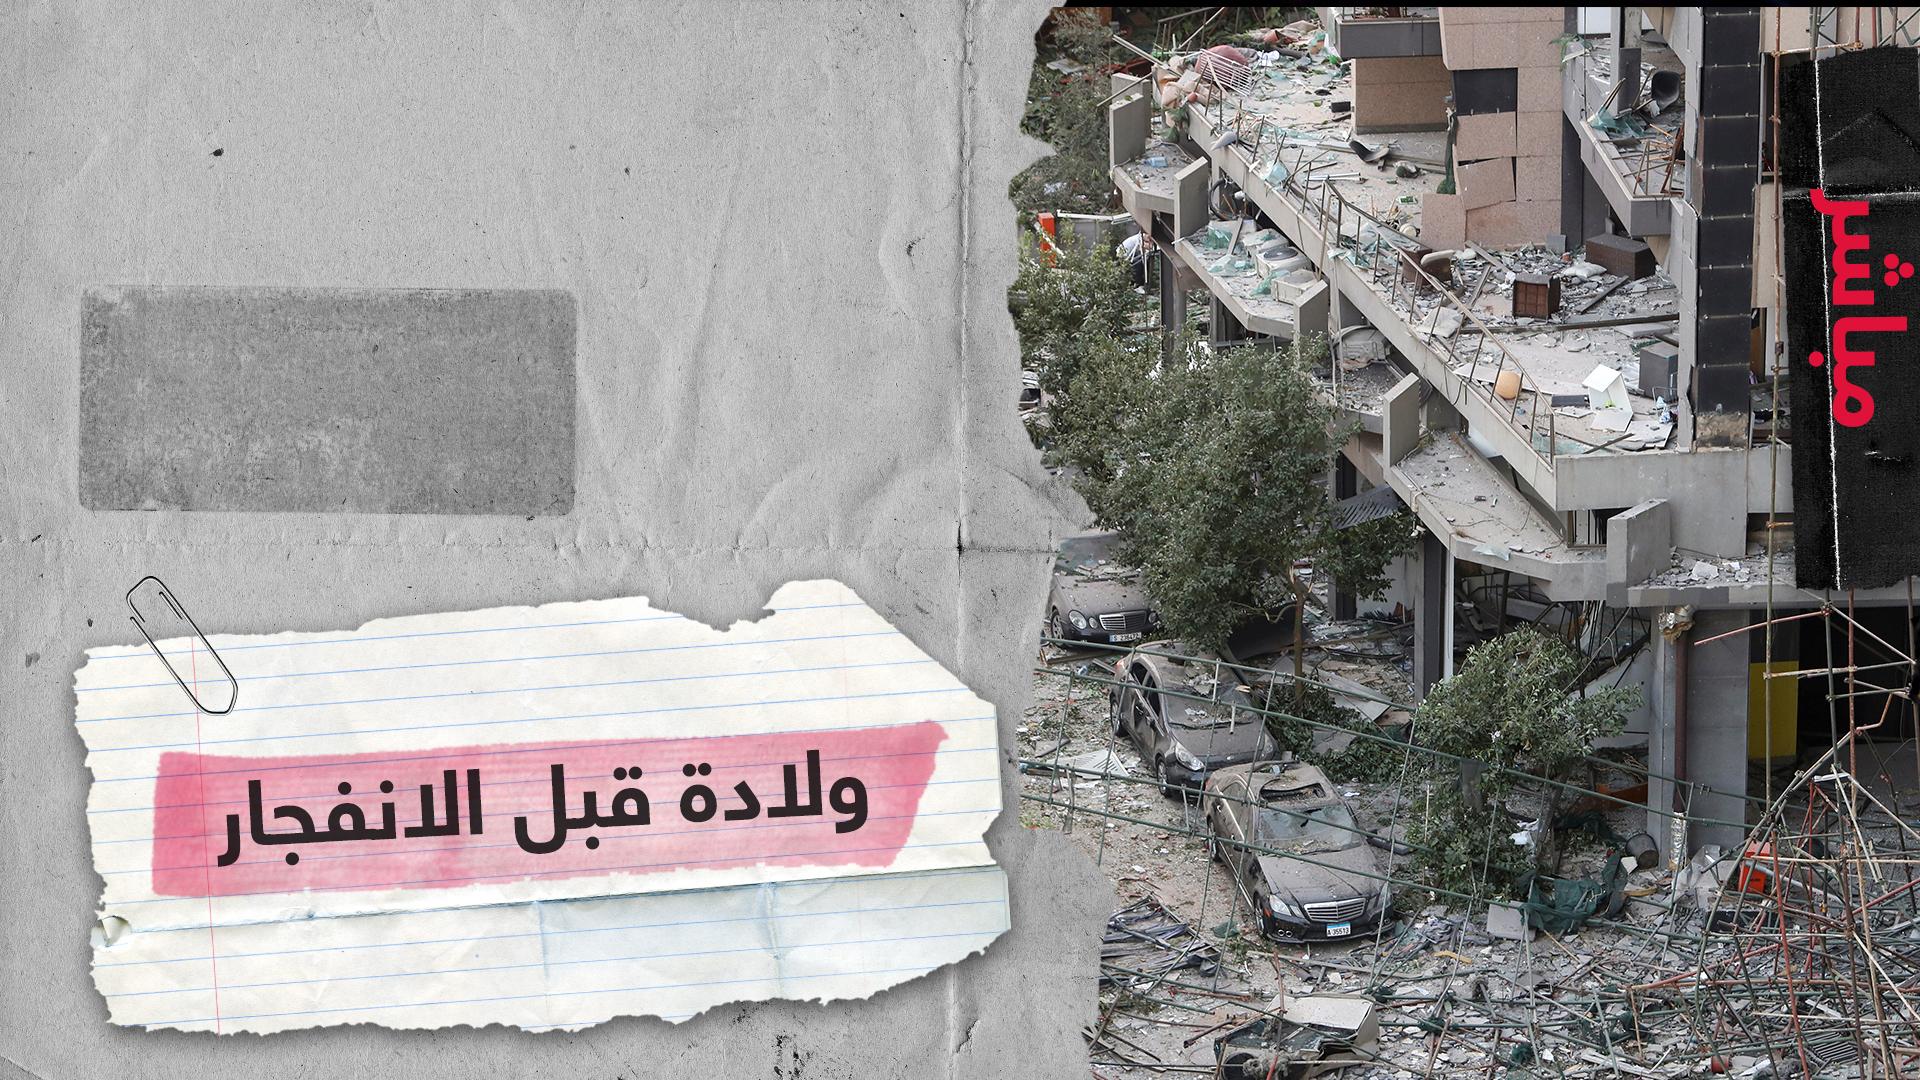 والد الطفل نبيل يتحدث عن ميلاد ابنه قبل 15 دقيقة فقط من انفجار بيروت